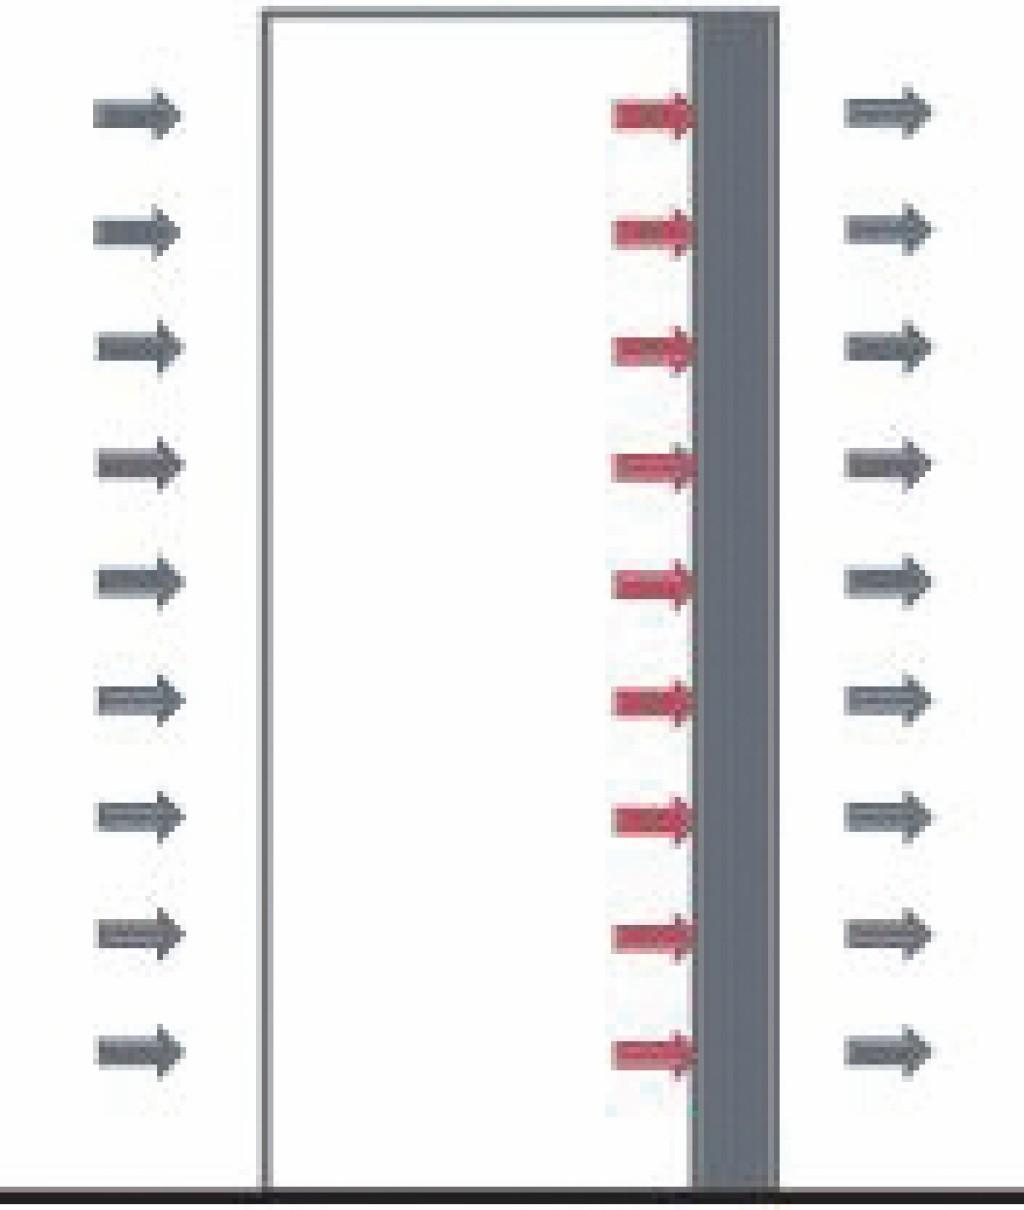 Wassergekühltes Rack als offenes System. Bild: Dorenburg/Richter